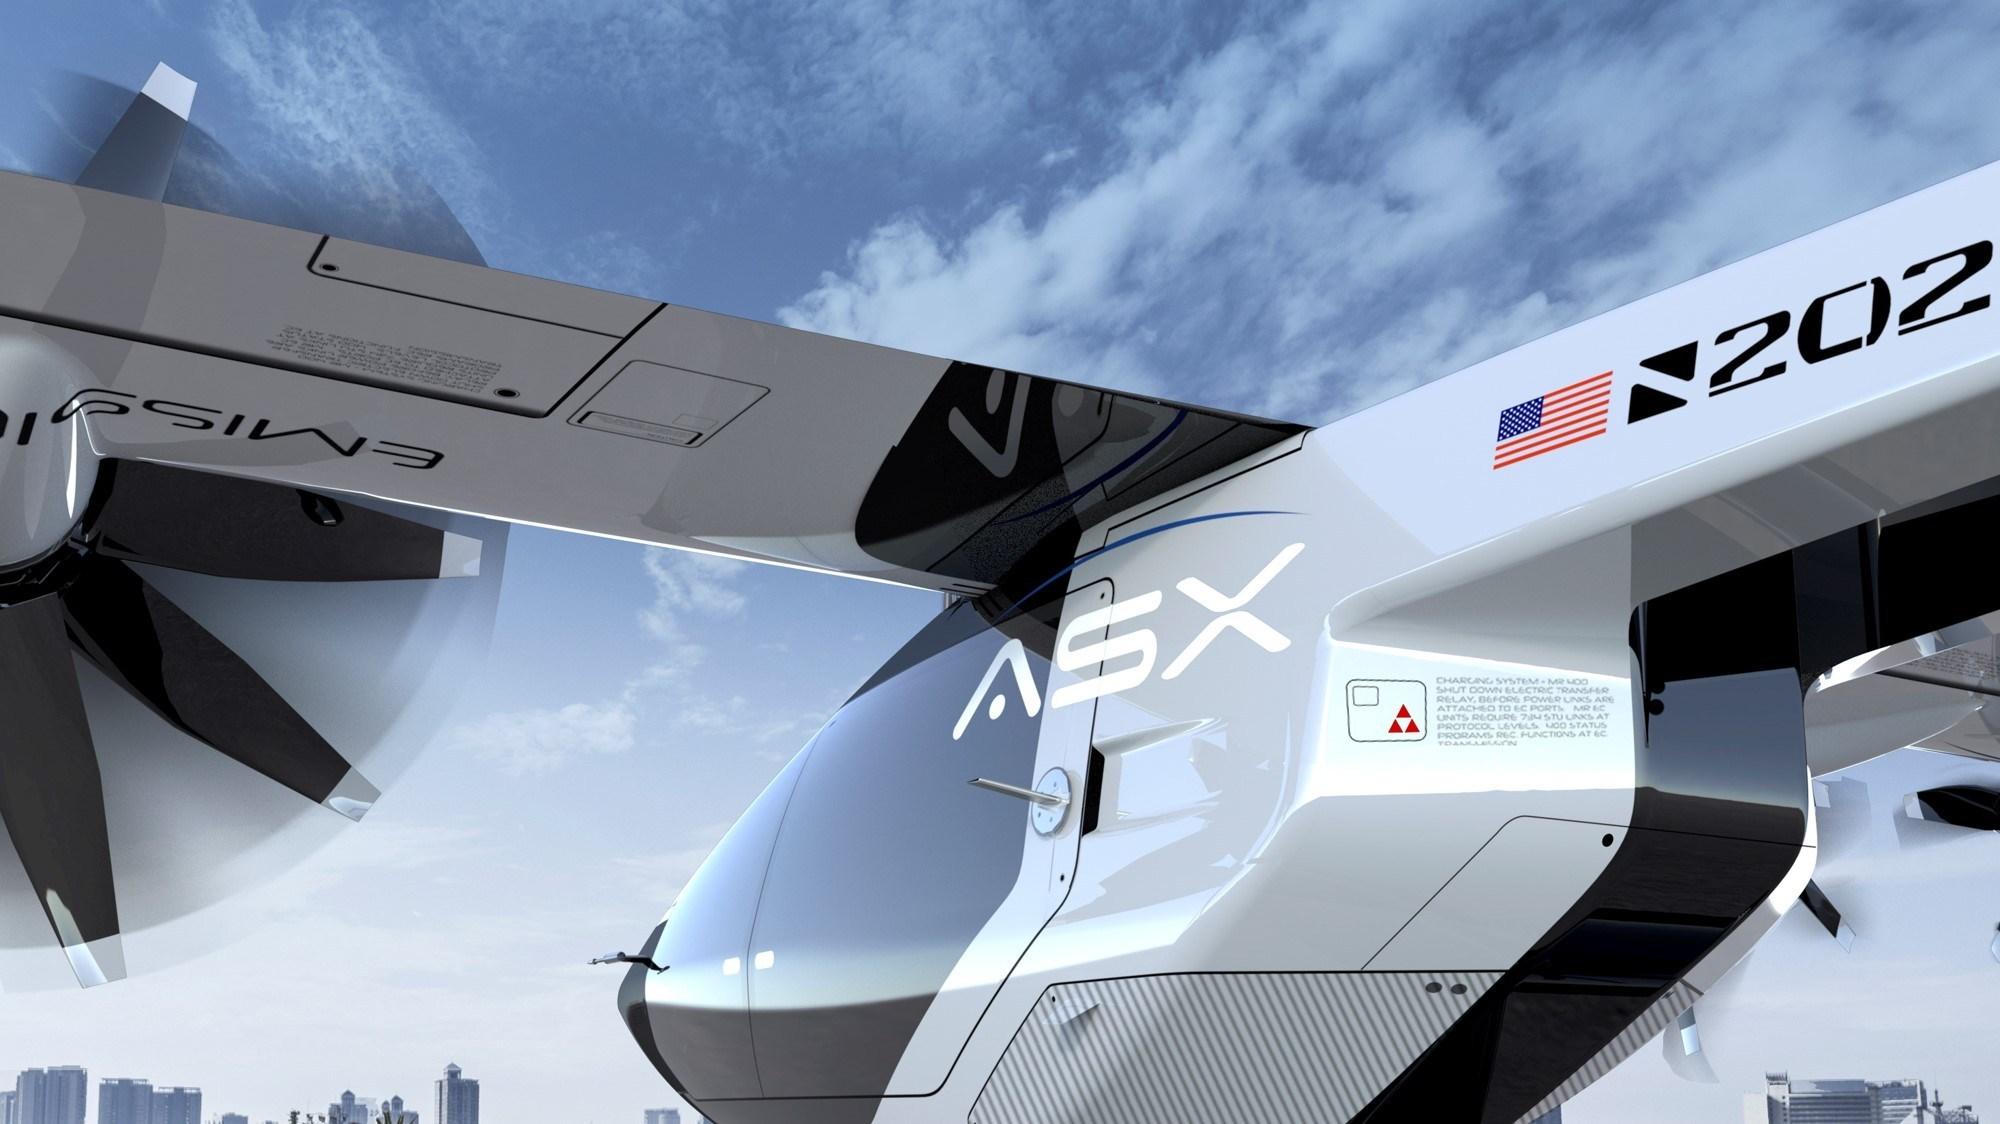 ASX MOBi-One air taxi